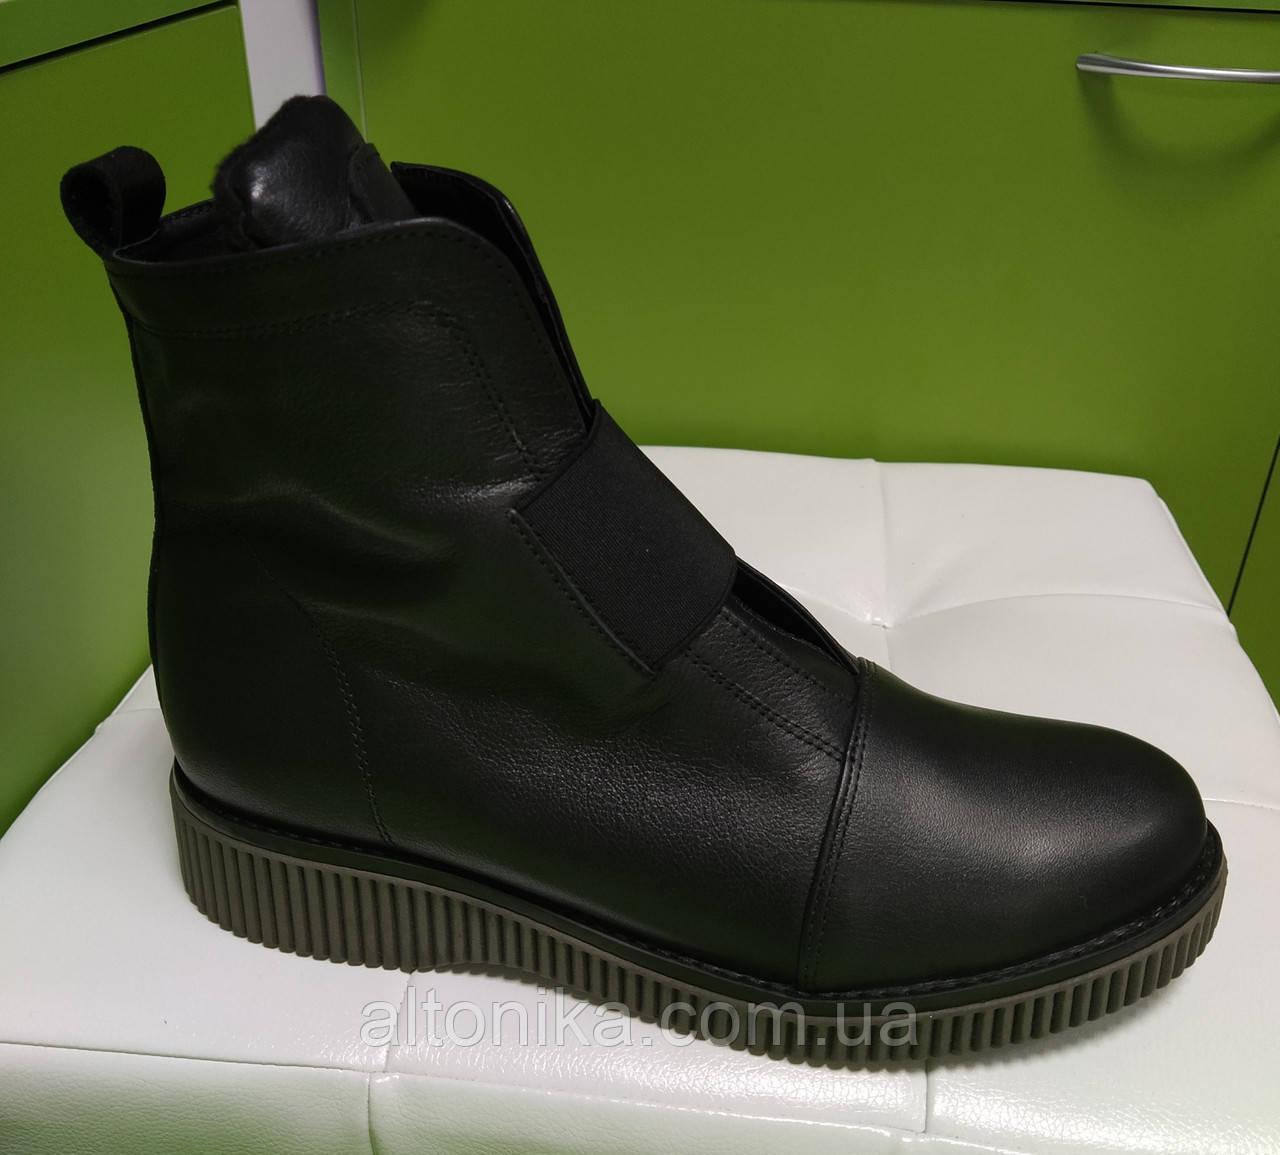 STTOPA 40р деми! Размеры 33-41!Ботинки из натуральной кожи больших размеров! С9-46-3641-35-3343